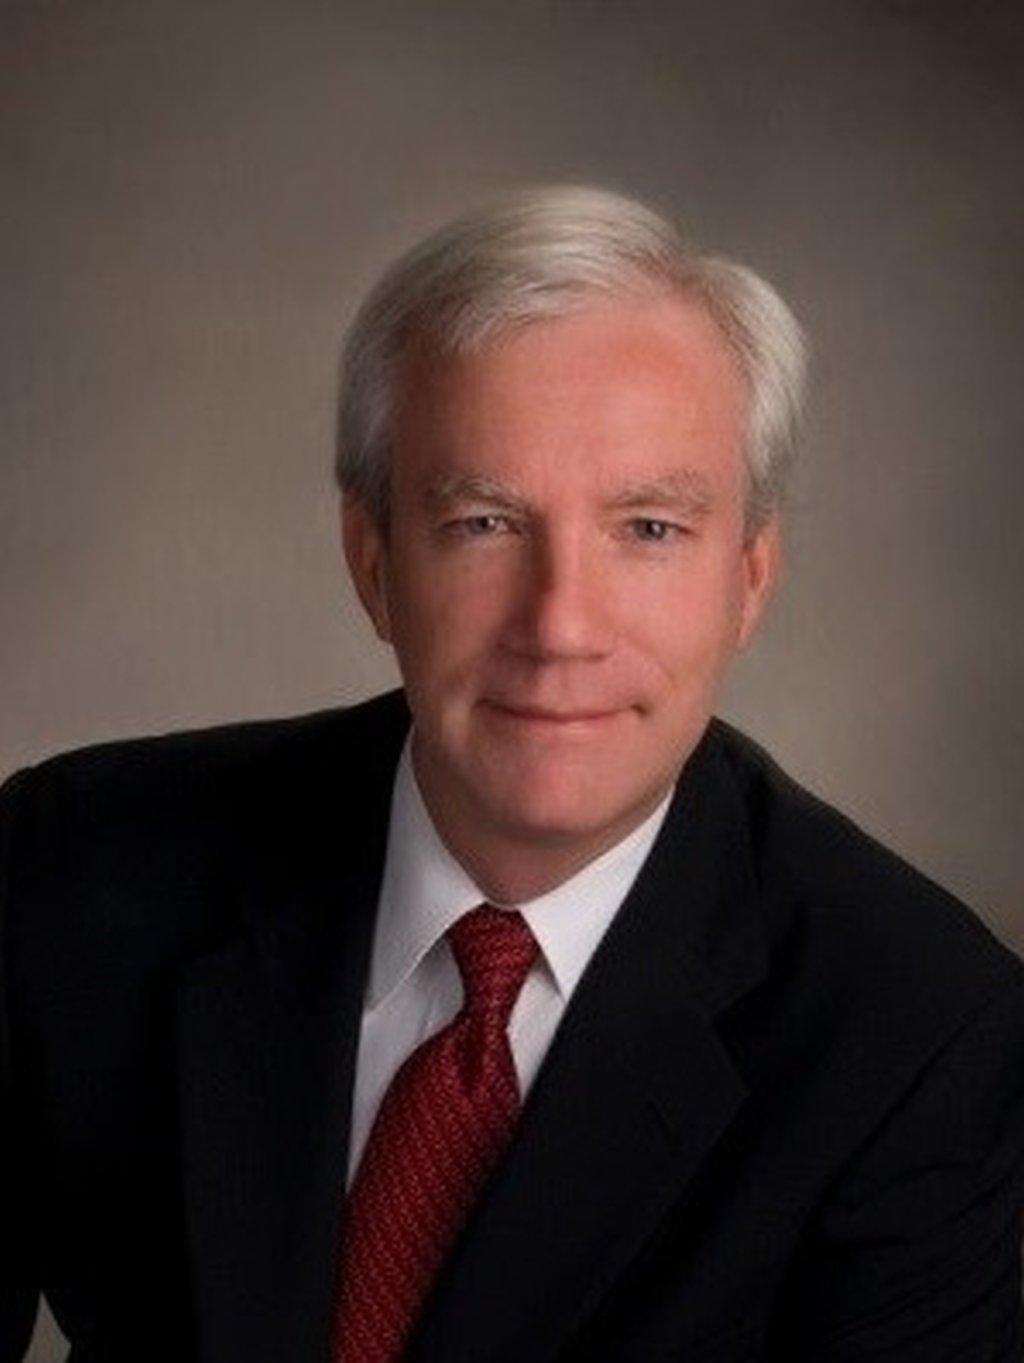 Phil Anderson - Board of Trustees, Treasurer